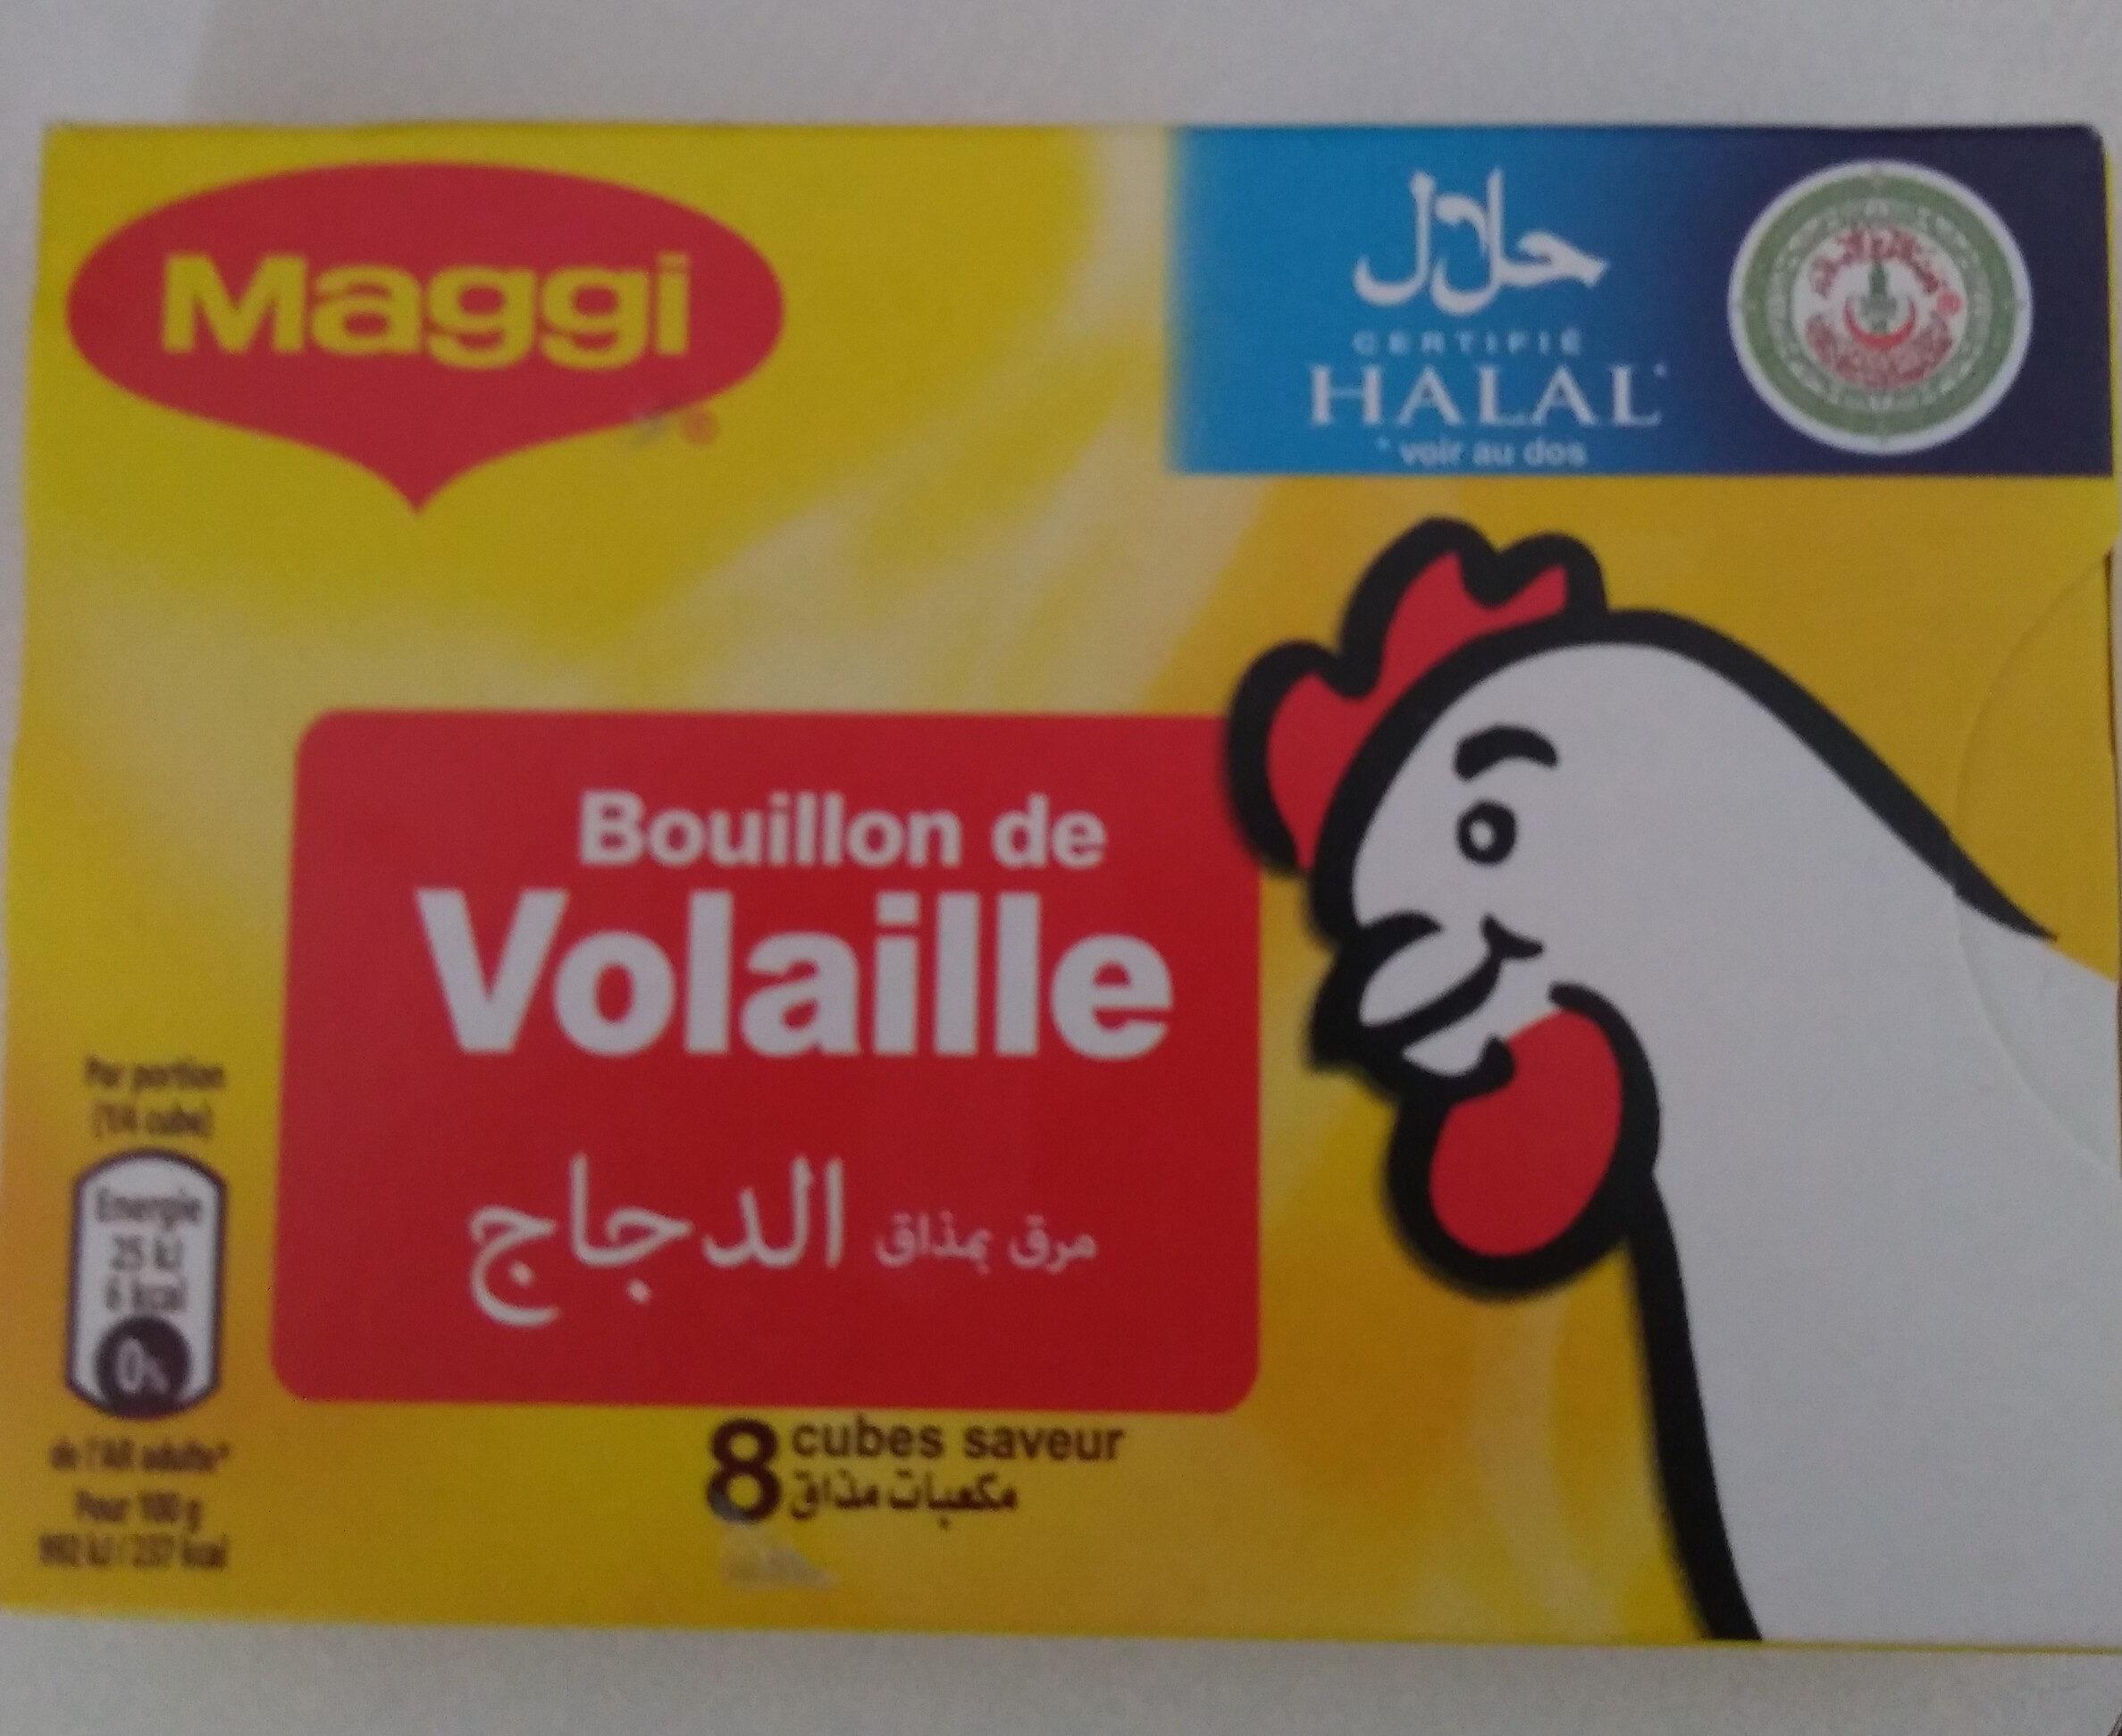 Tablette 8X10G Bouillon Volaille Halal Maggi - Informations nutritionnelles - fr